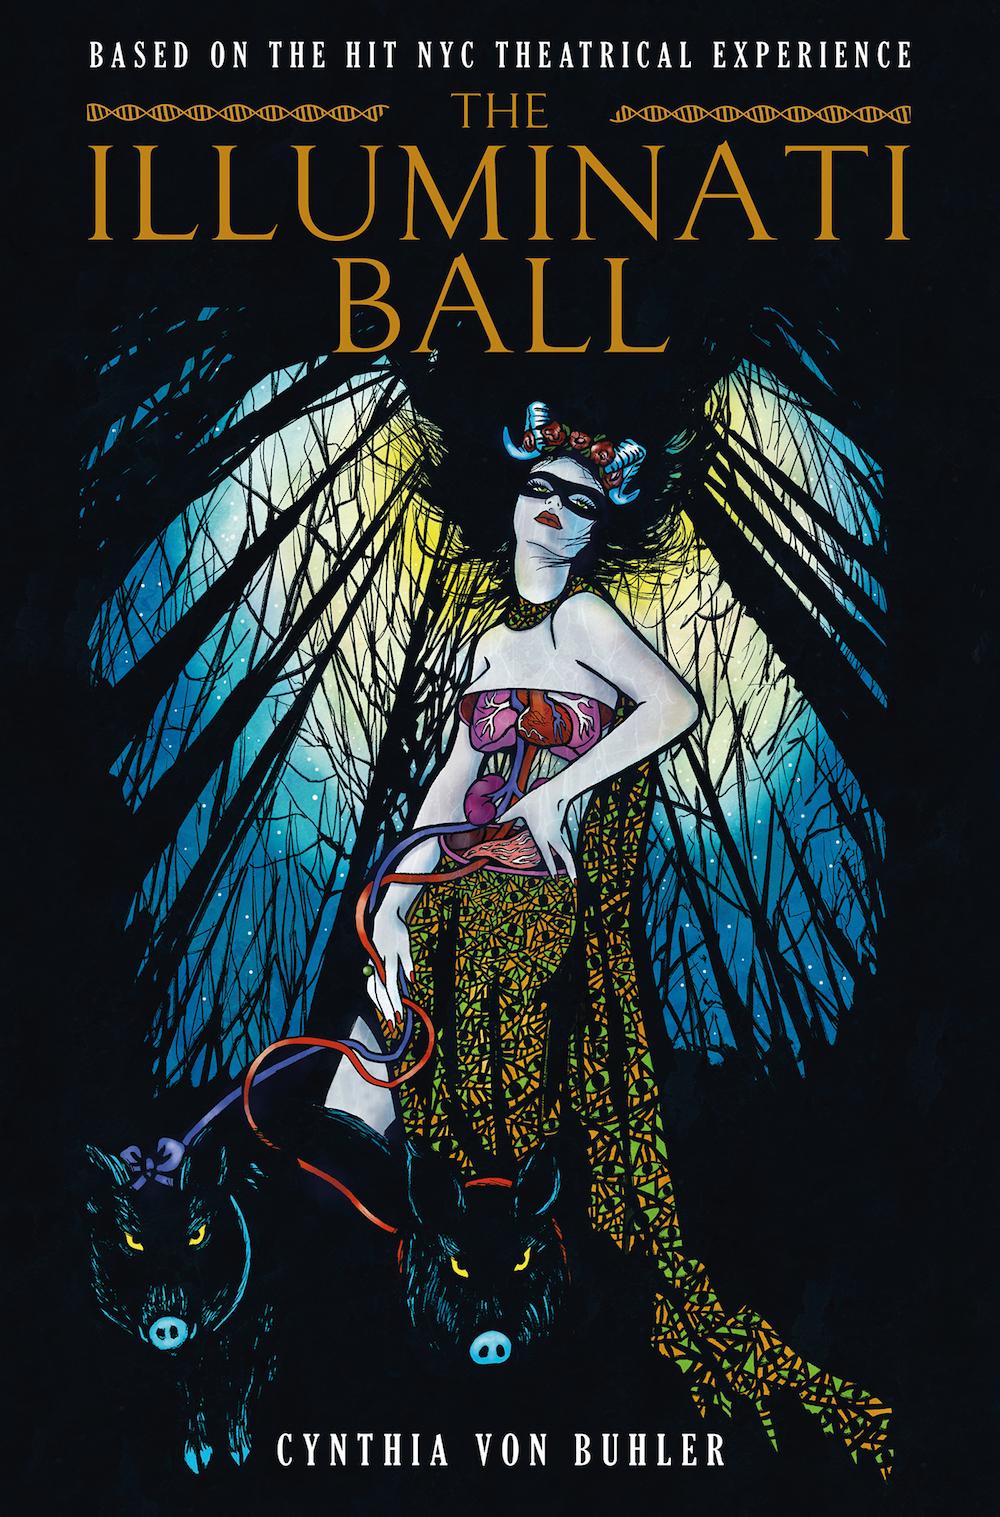 Panel Mania: The Illuminati Ball by Cynthia Von Buhler